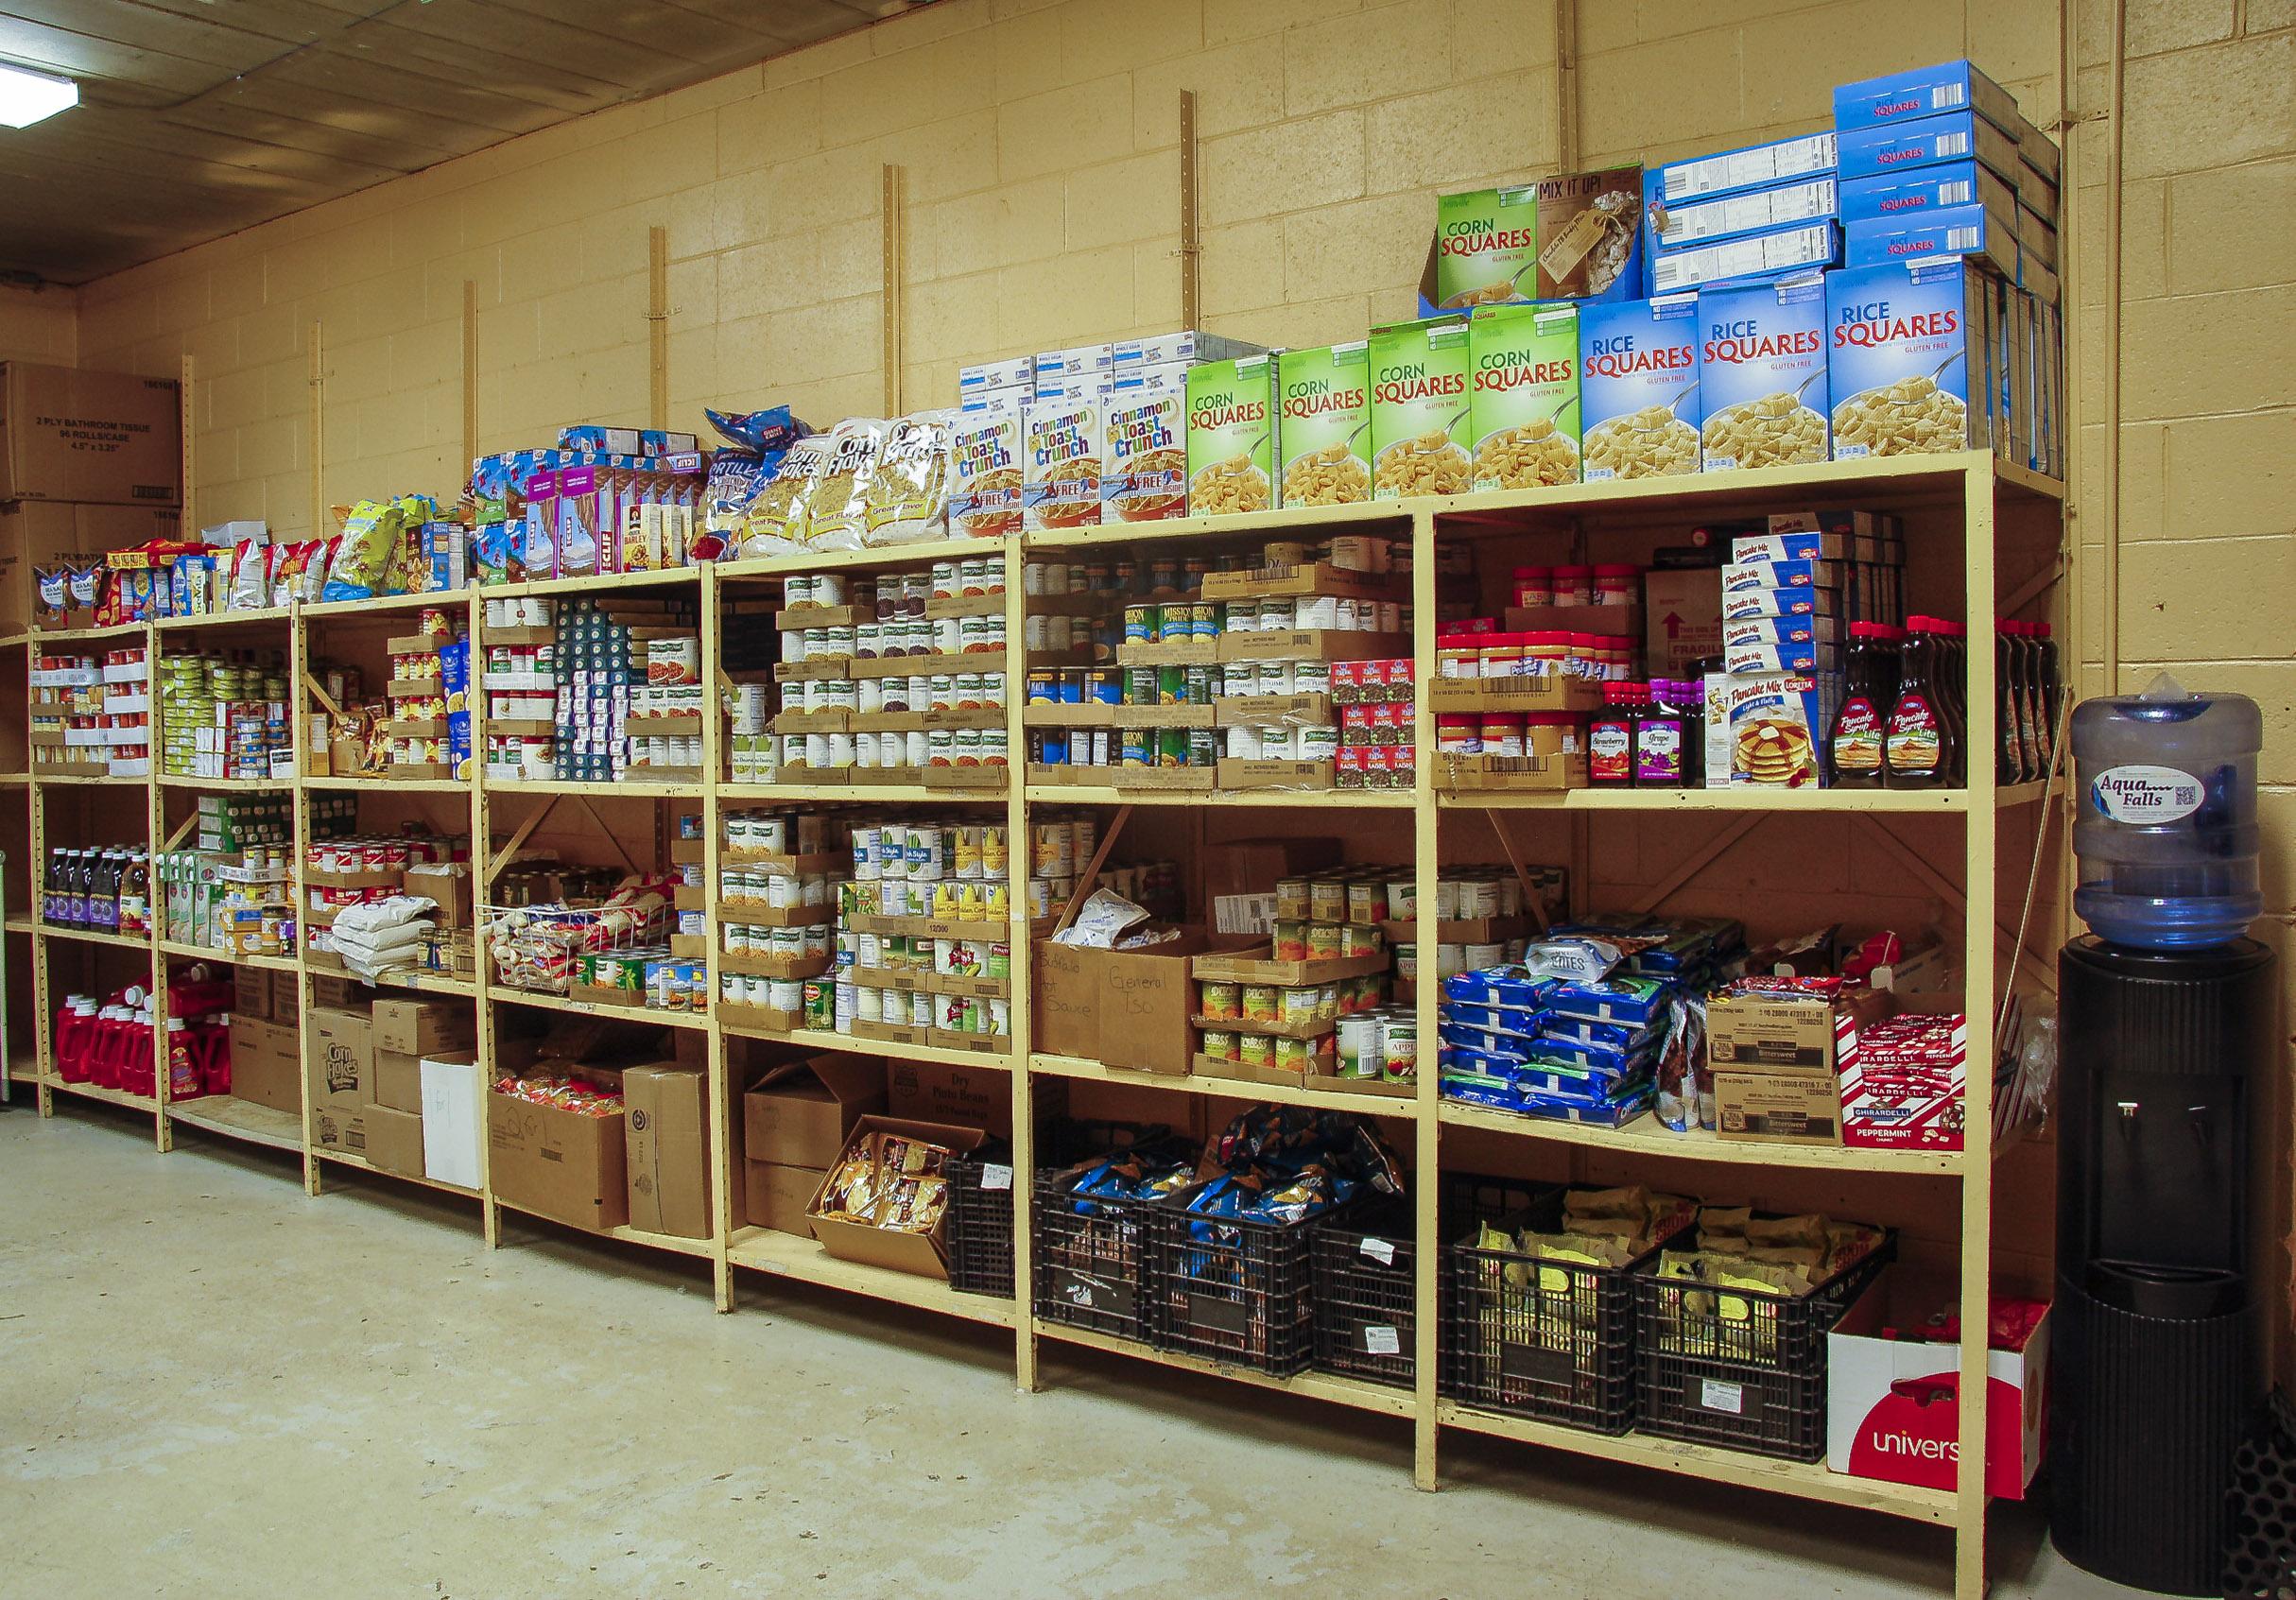 BGC food rack 1.jpg